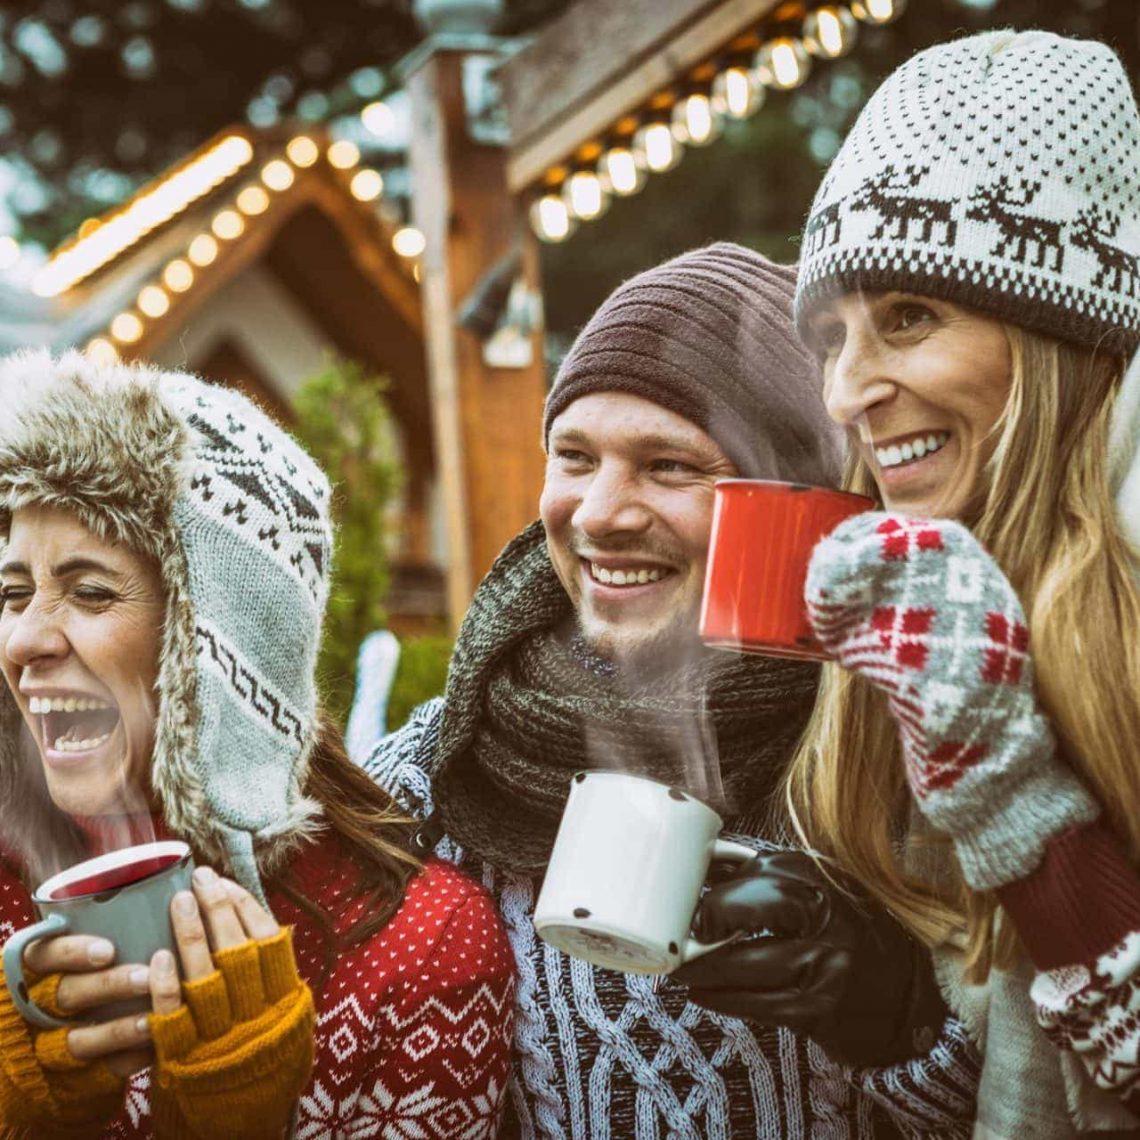 Vorfreude auf Weihnachten in Regensburg Am Montag startet der Christkindlmarkt. Aber auch die anderen Weihnachtsmärkten sind bezaubernd